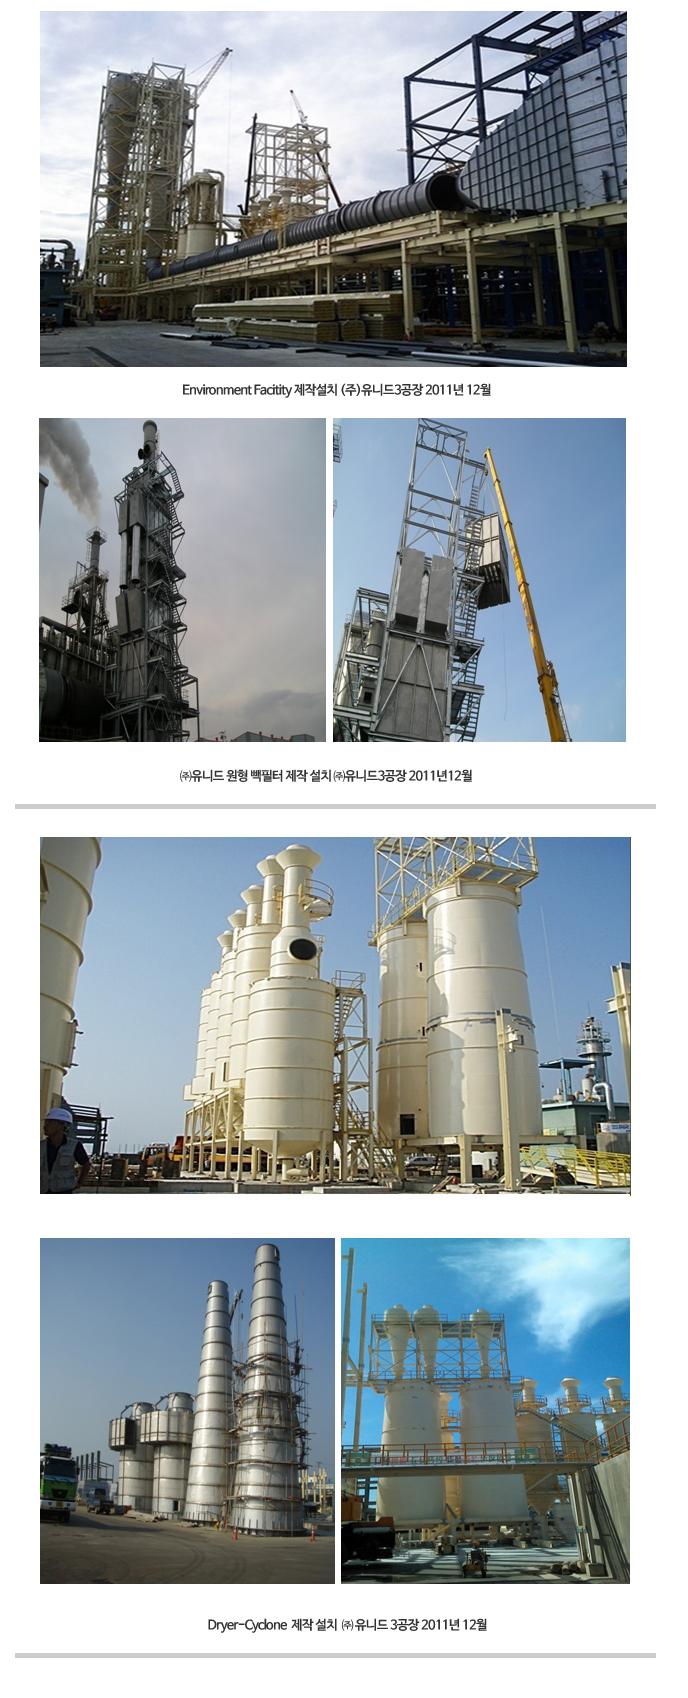 대성제이테크 Wood Chip & Wood Pellet Plant System  9